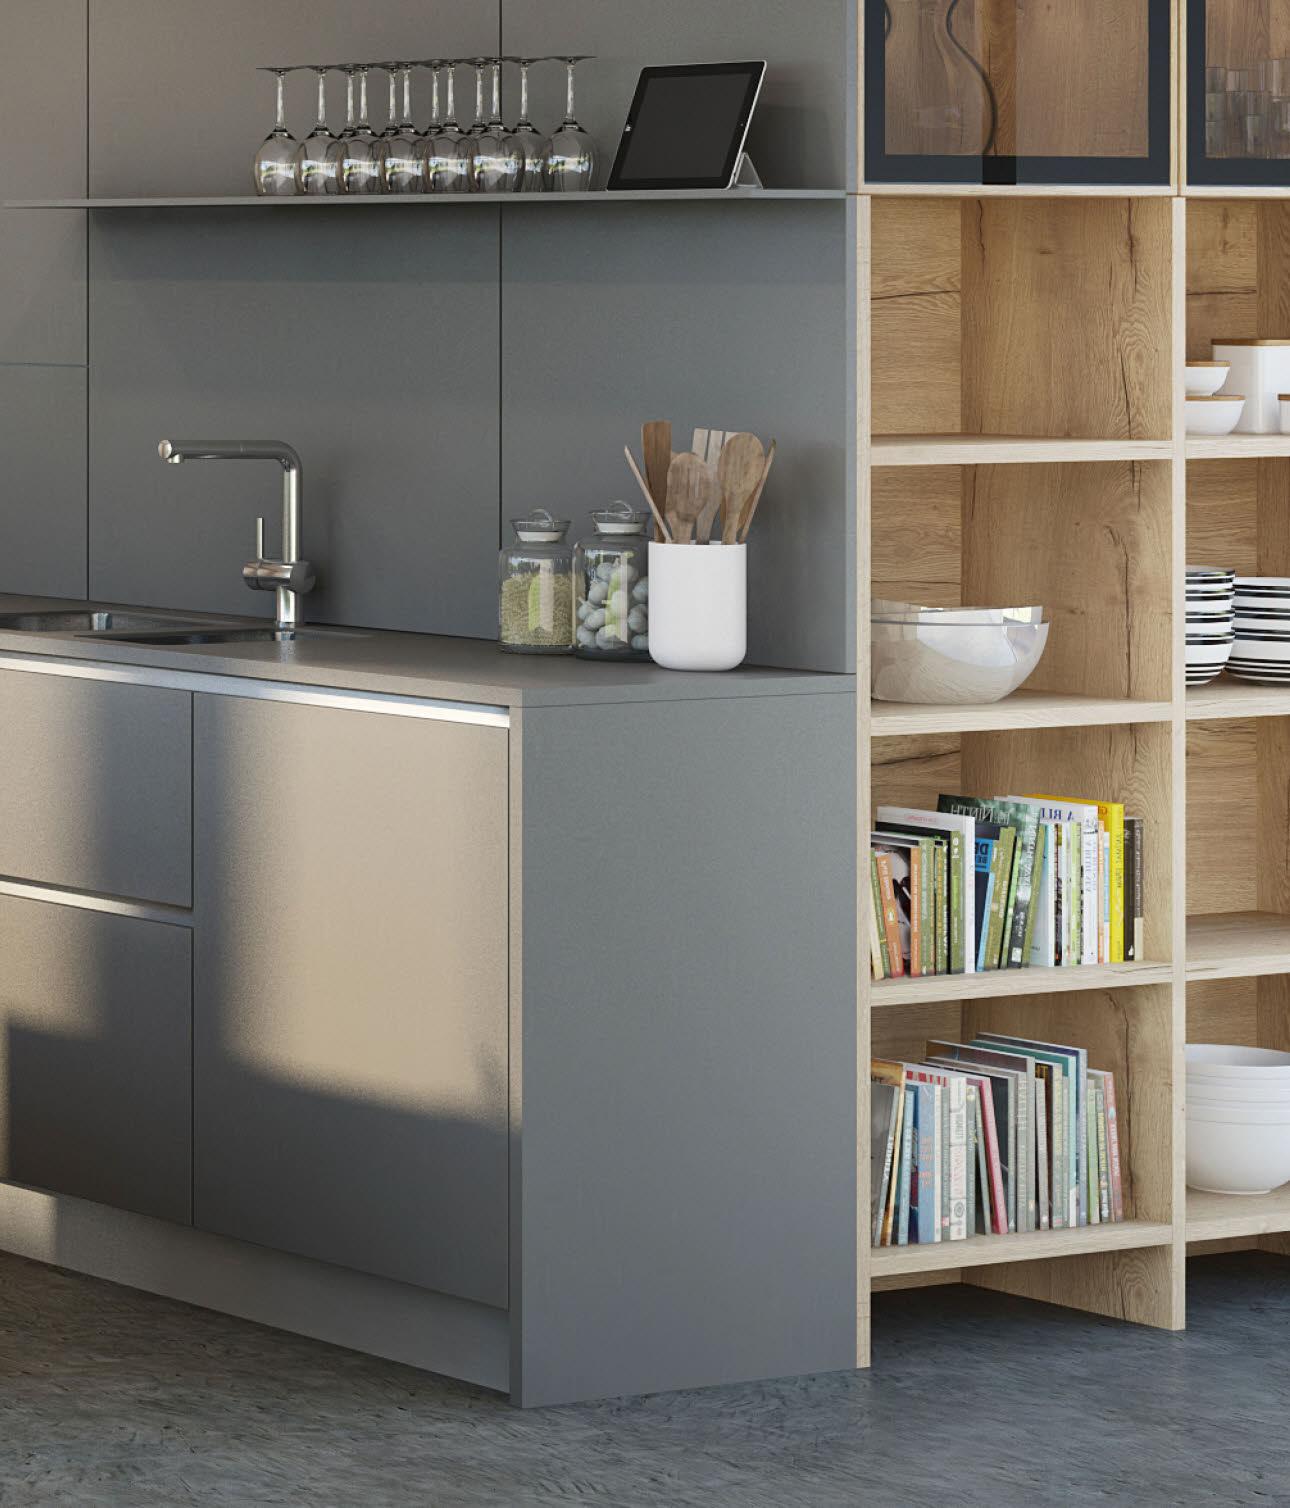 Ewe Küchen I Magazin I Die Neue Küchengeneration